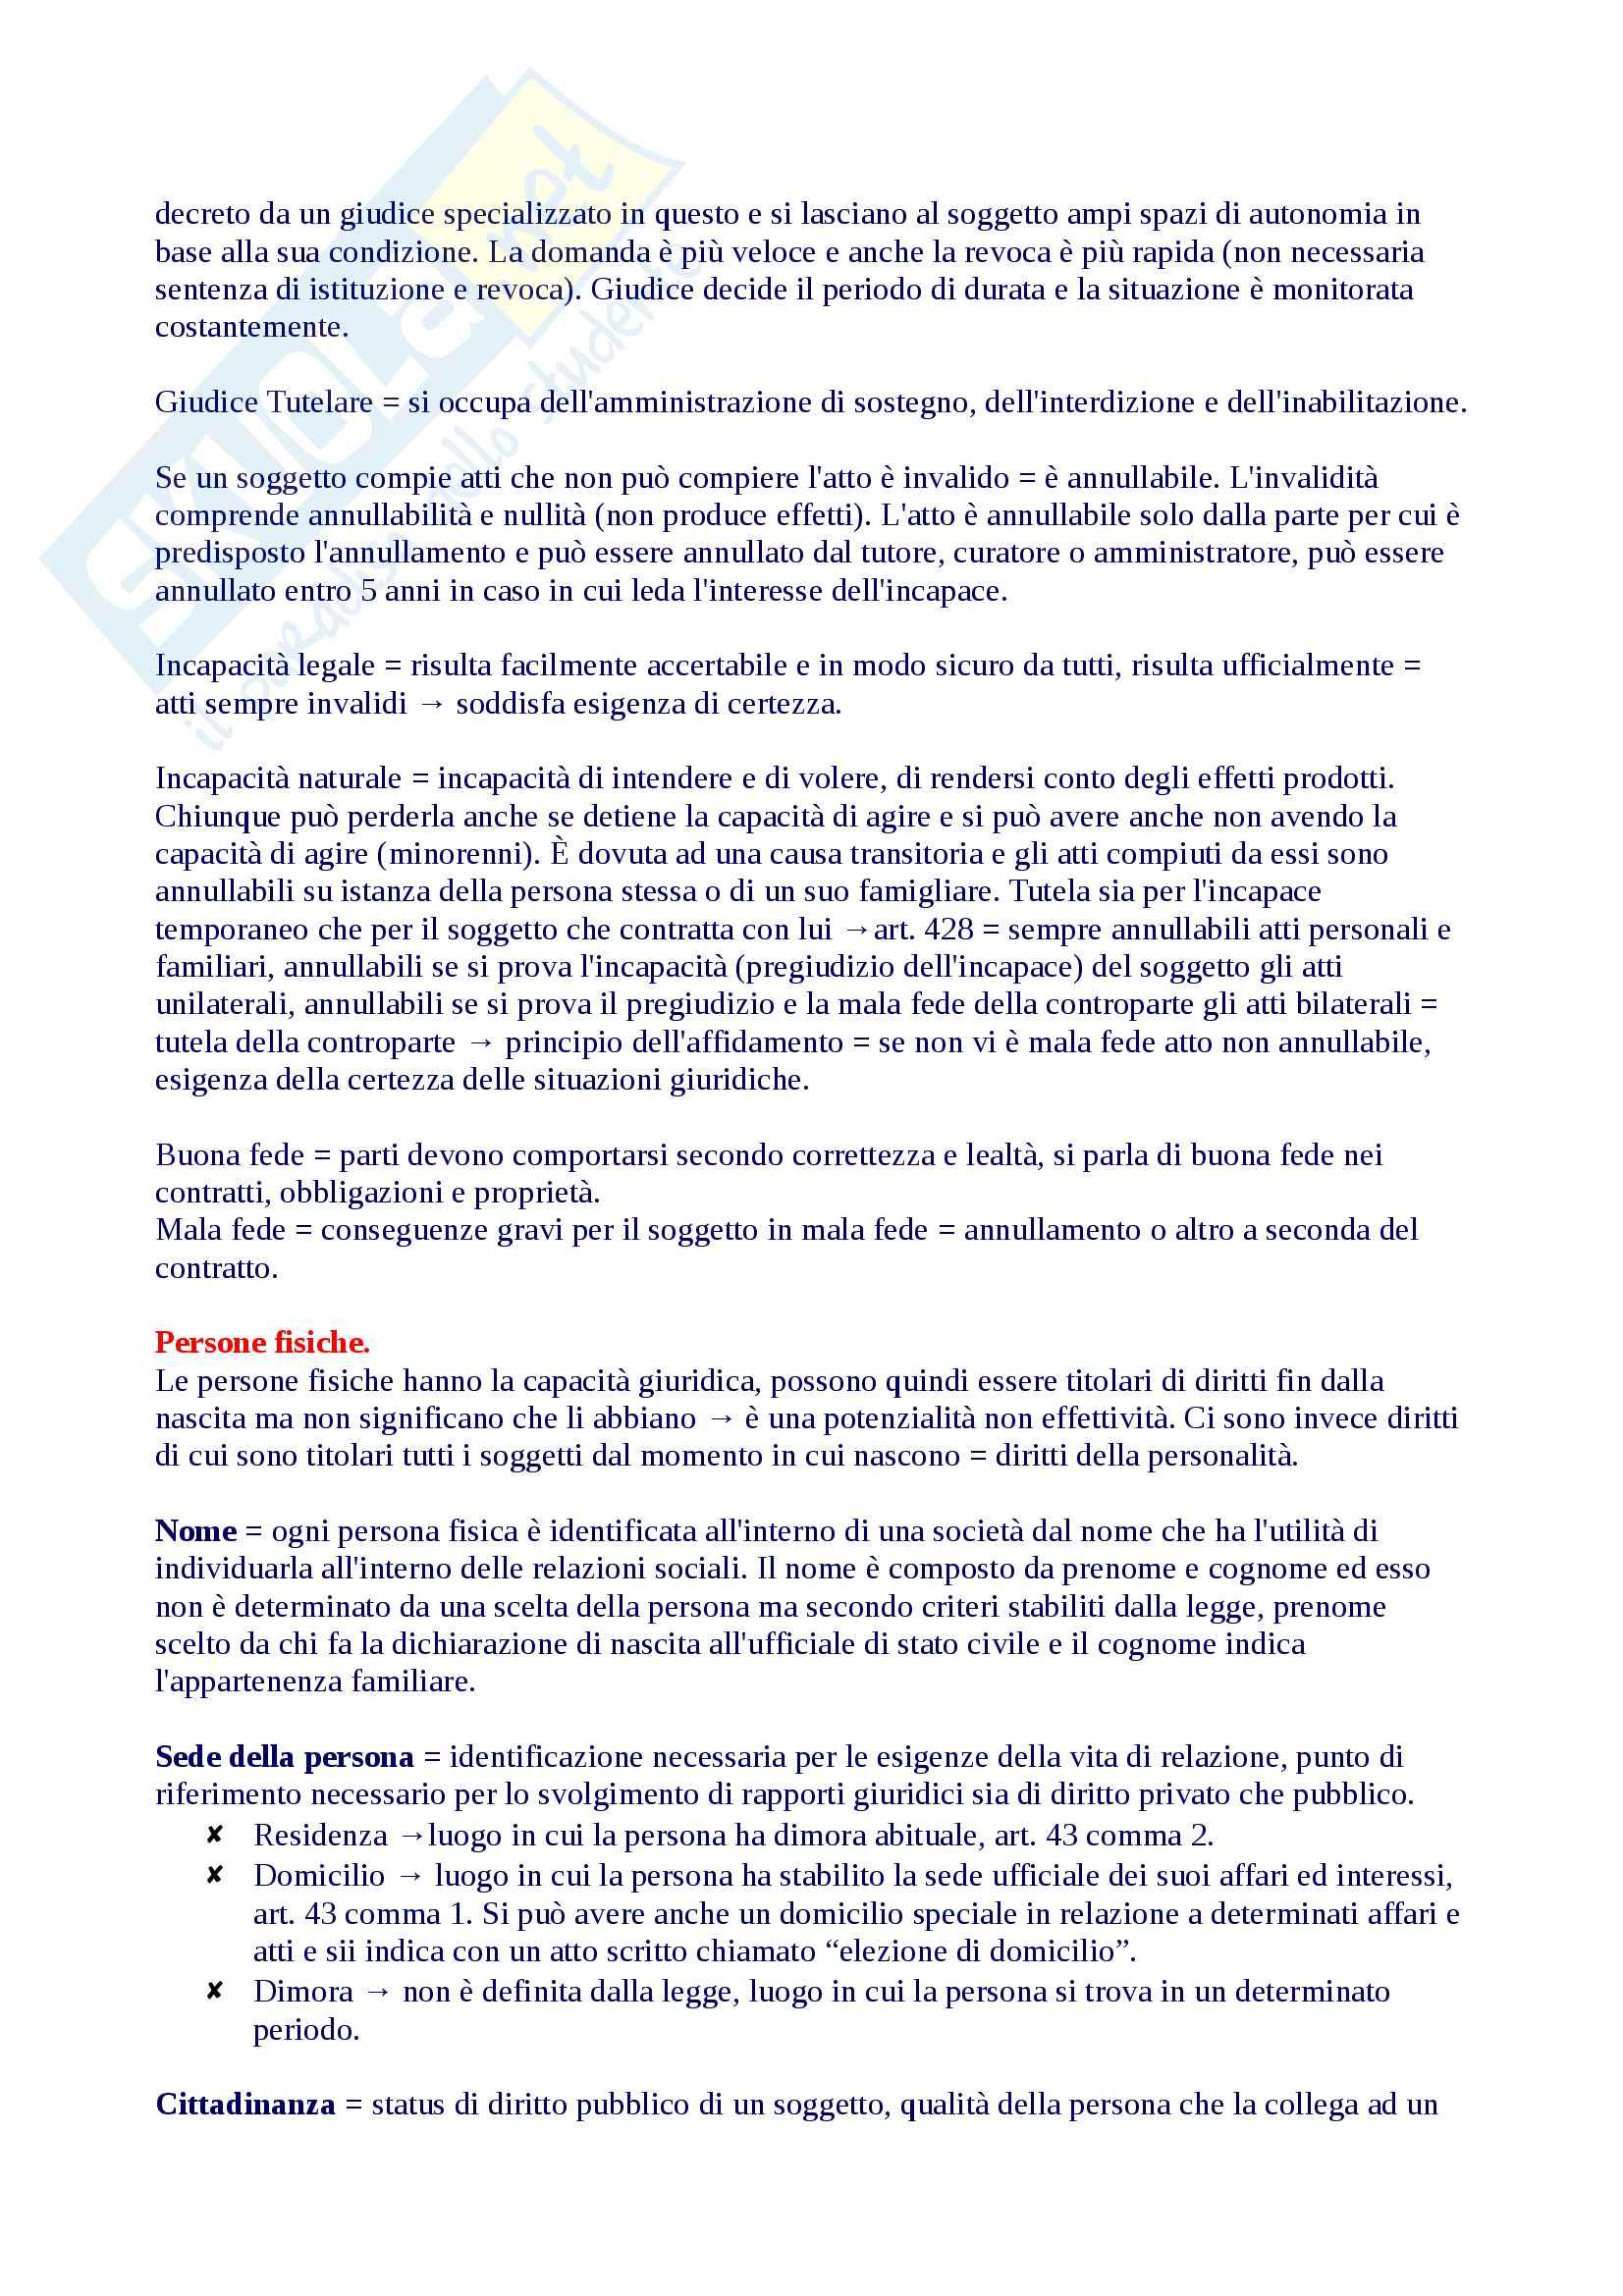 Riassunto diritto privato 1, libro consigliato Roppo Pag. 16